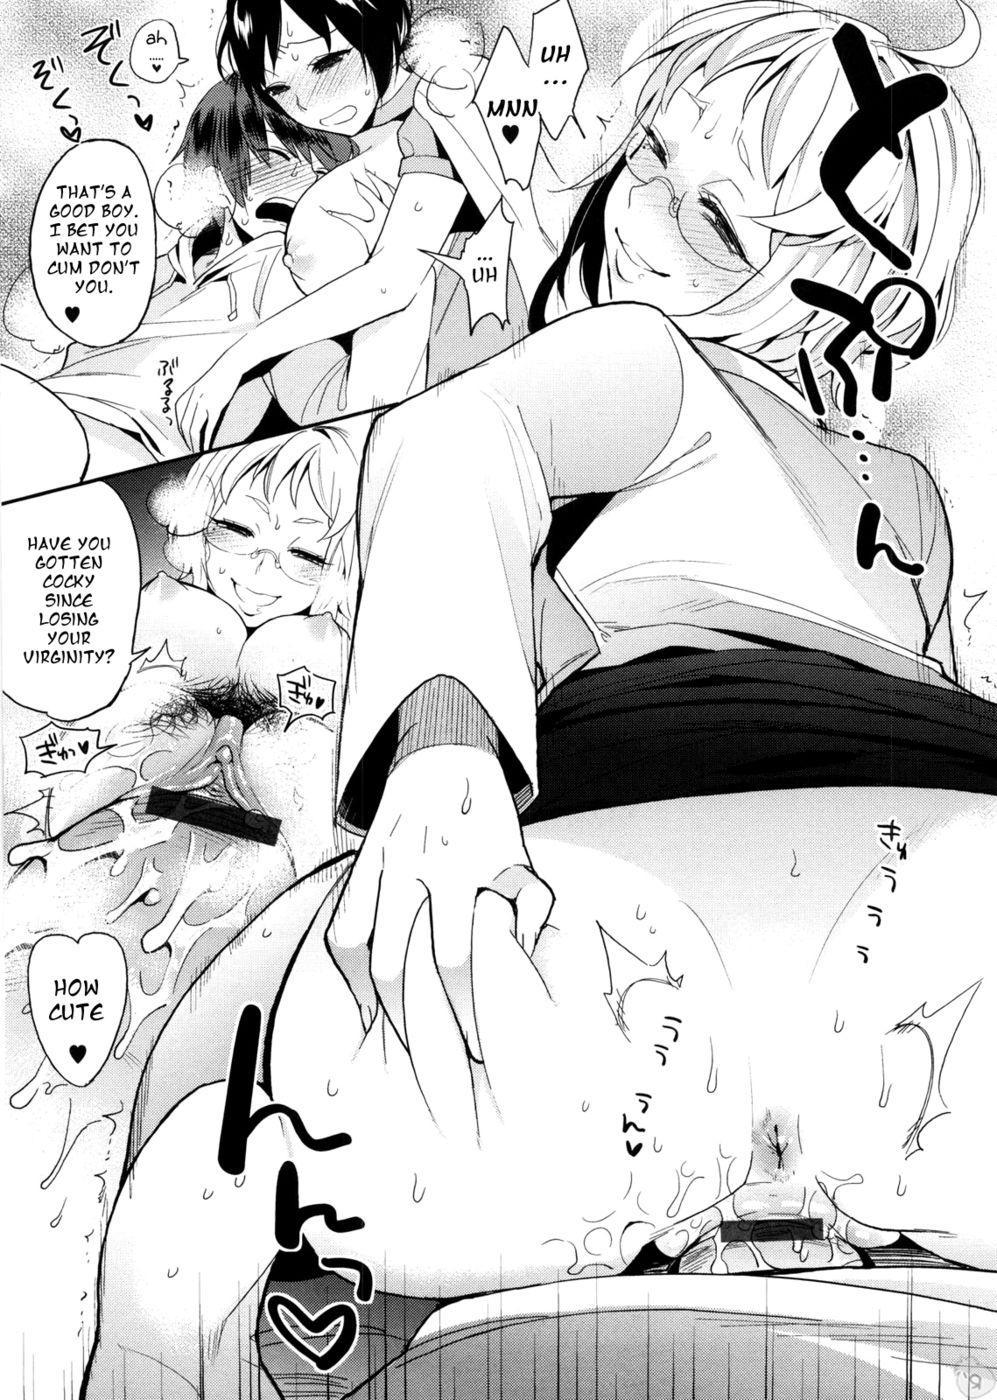 Yosugara Sexology 1-6 English 44